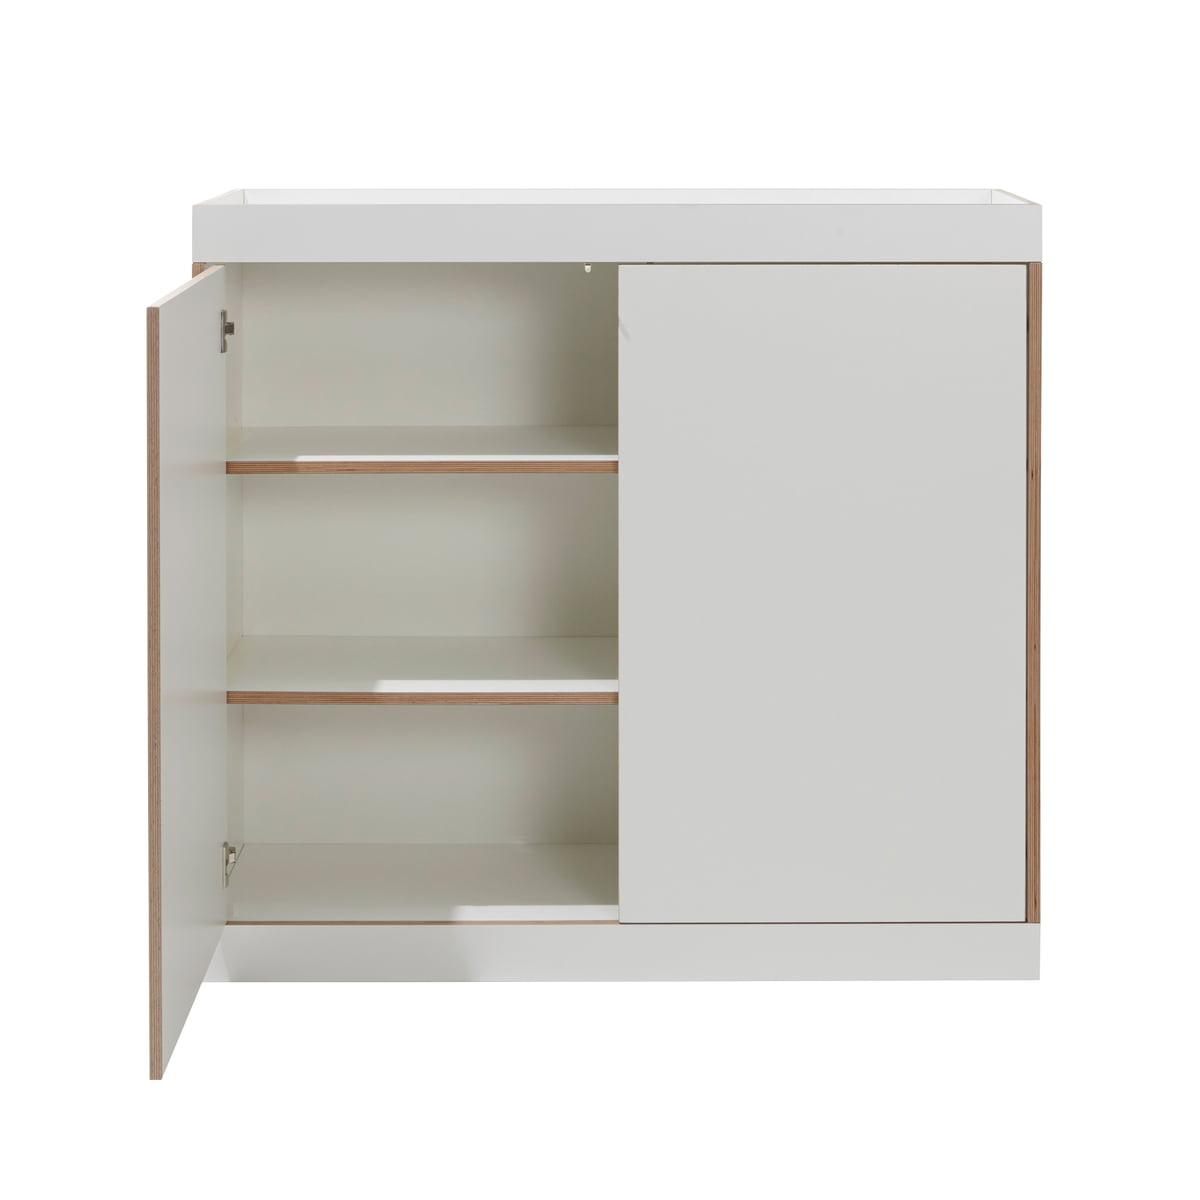 Müller Möbelwerkstätten - Flai Kommode mit Türen, weiß